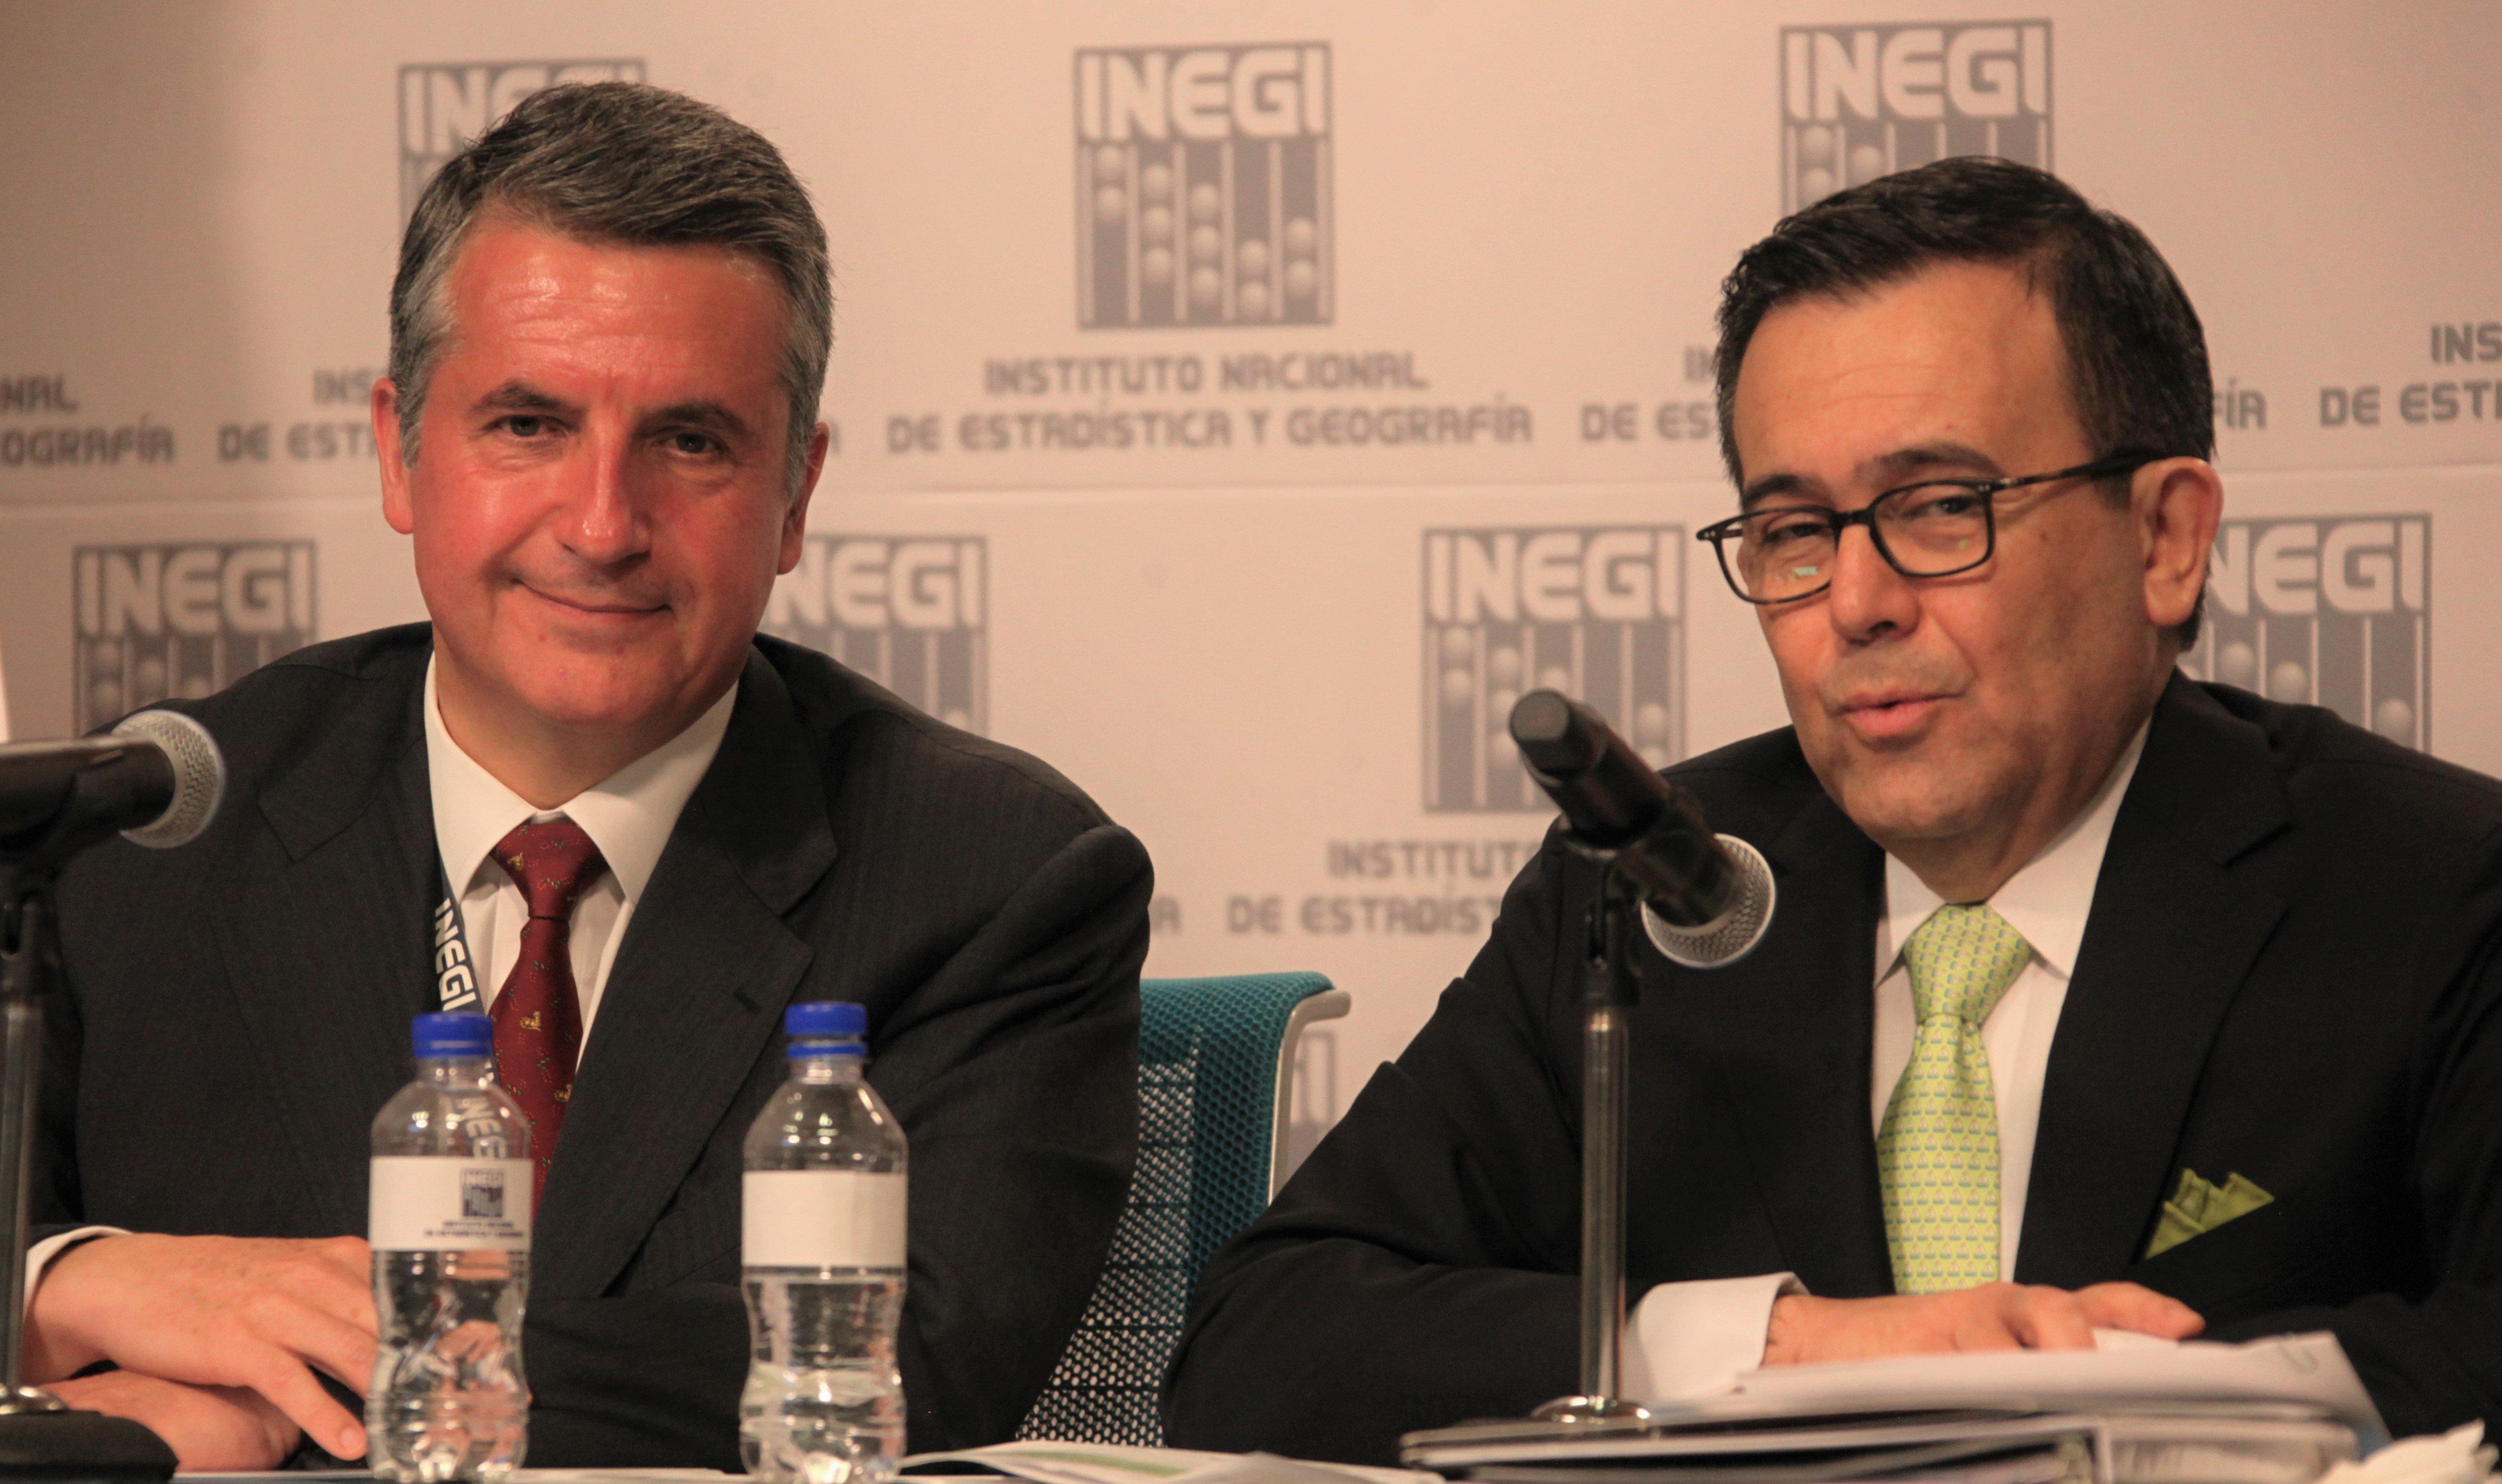 Julio Santaella e Ildefonso Guajardo. Foto INEGI.